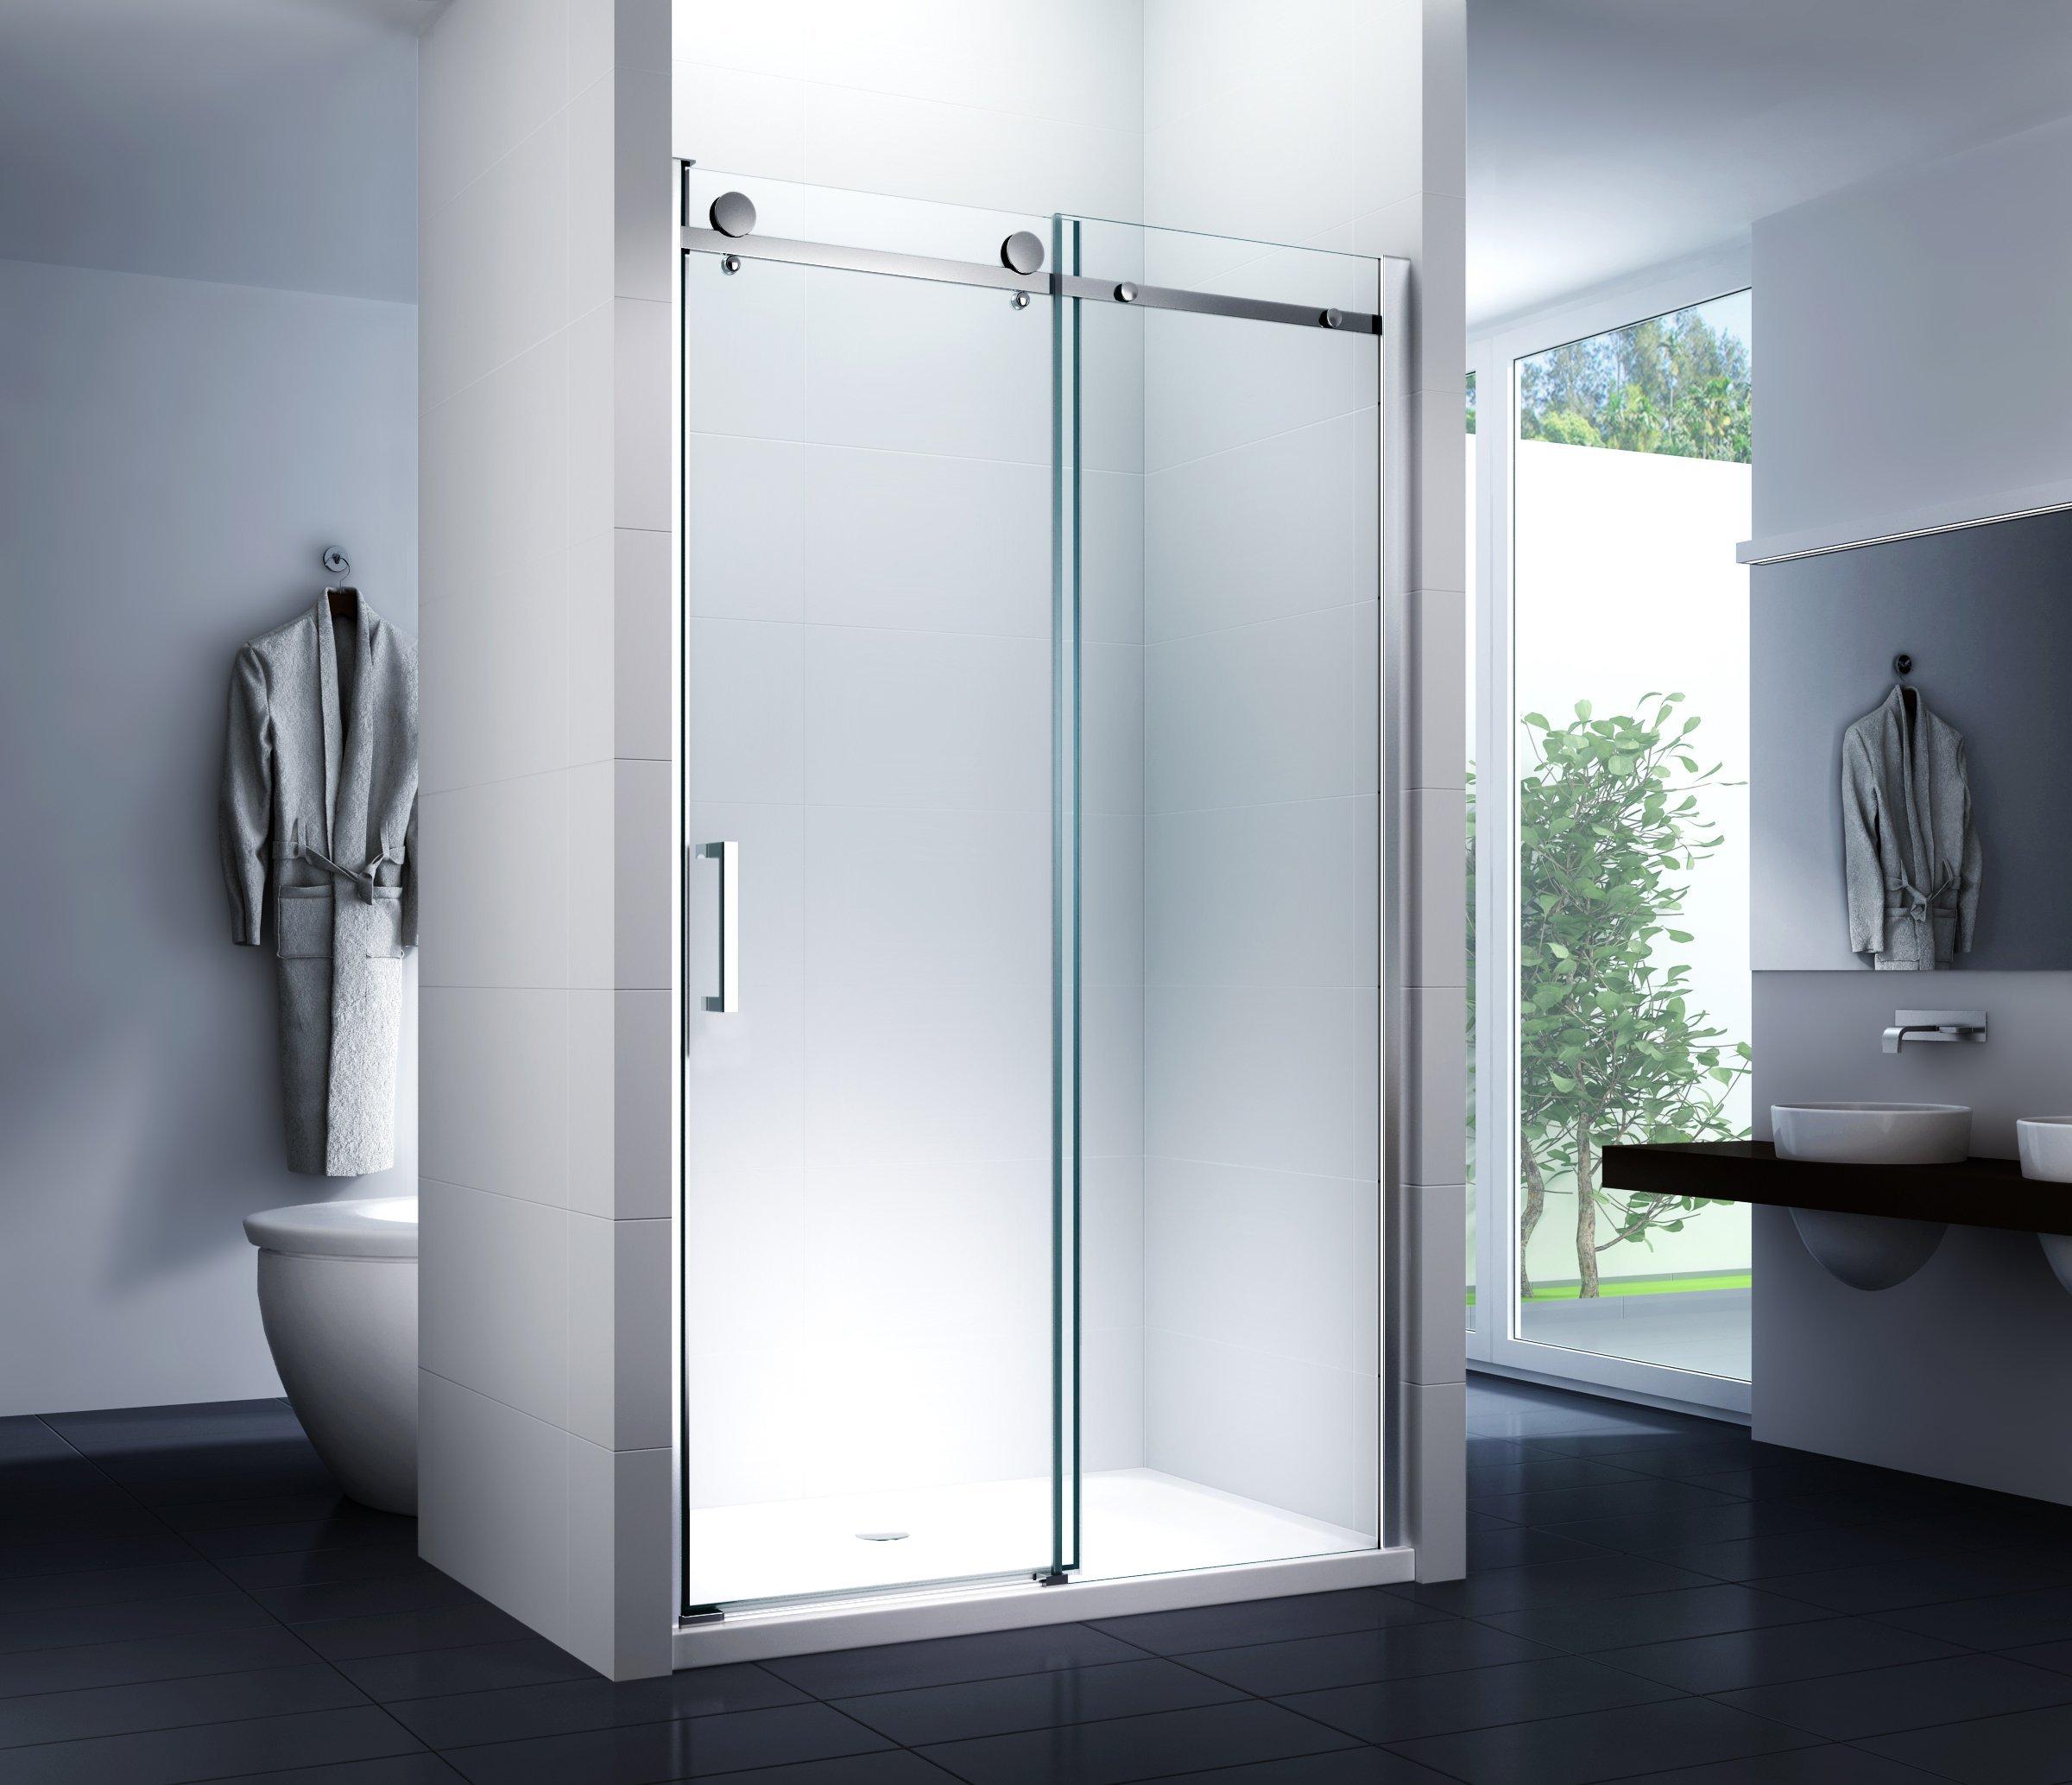 nichos para puerta deslizante Sistema ducha puerta Mampara técnicos ducha puerta corredera 125 x 195 cm ducha: Amazon.es: Bricolaje y herramientas